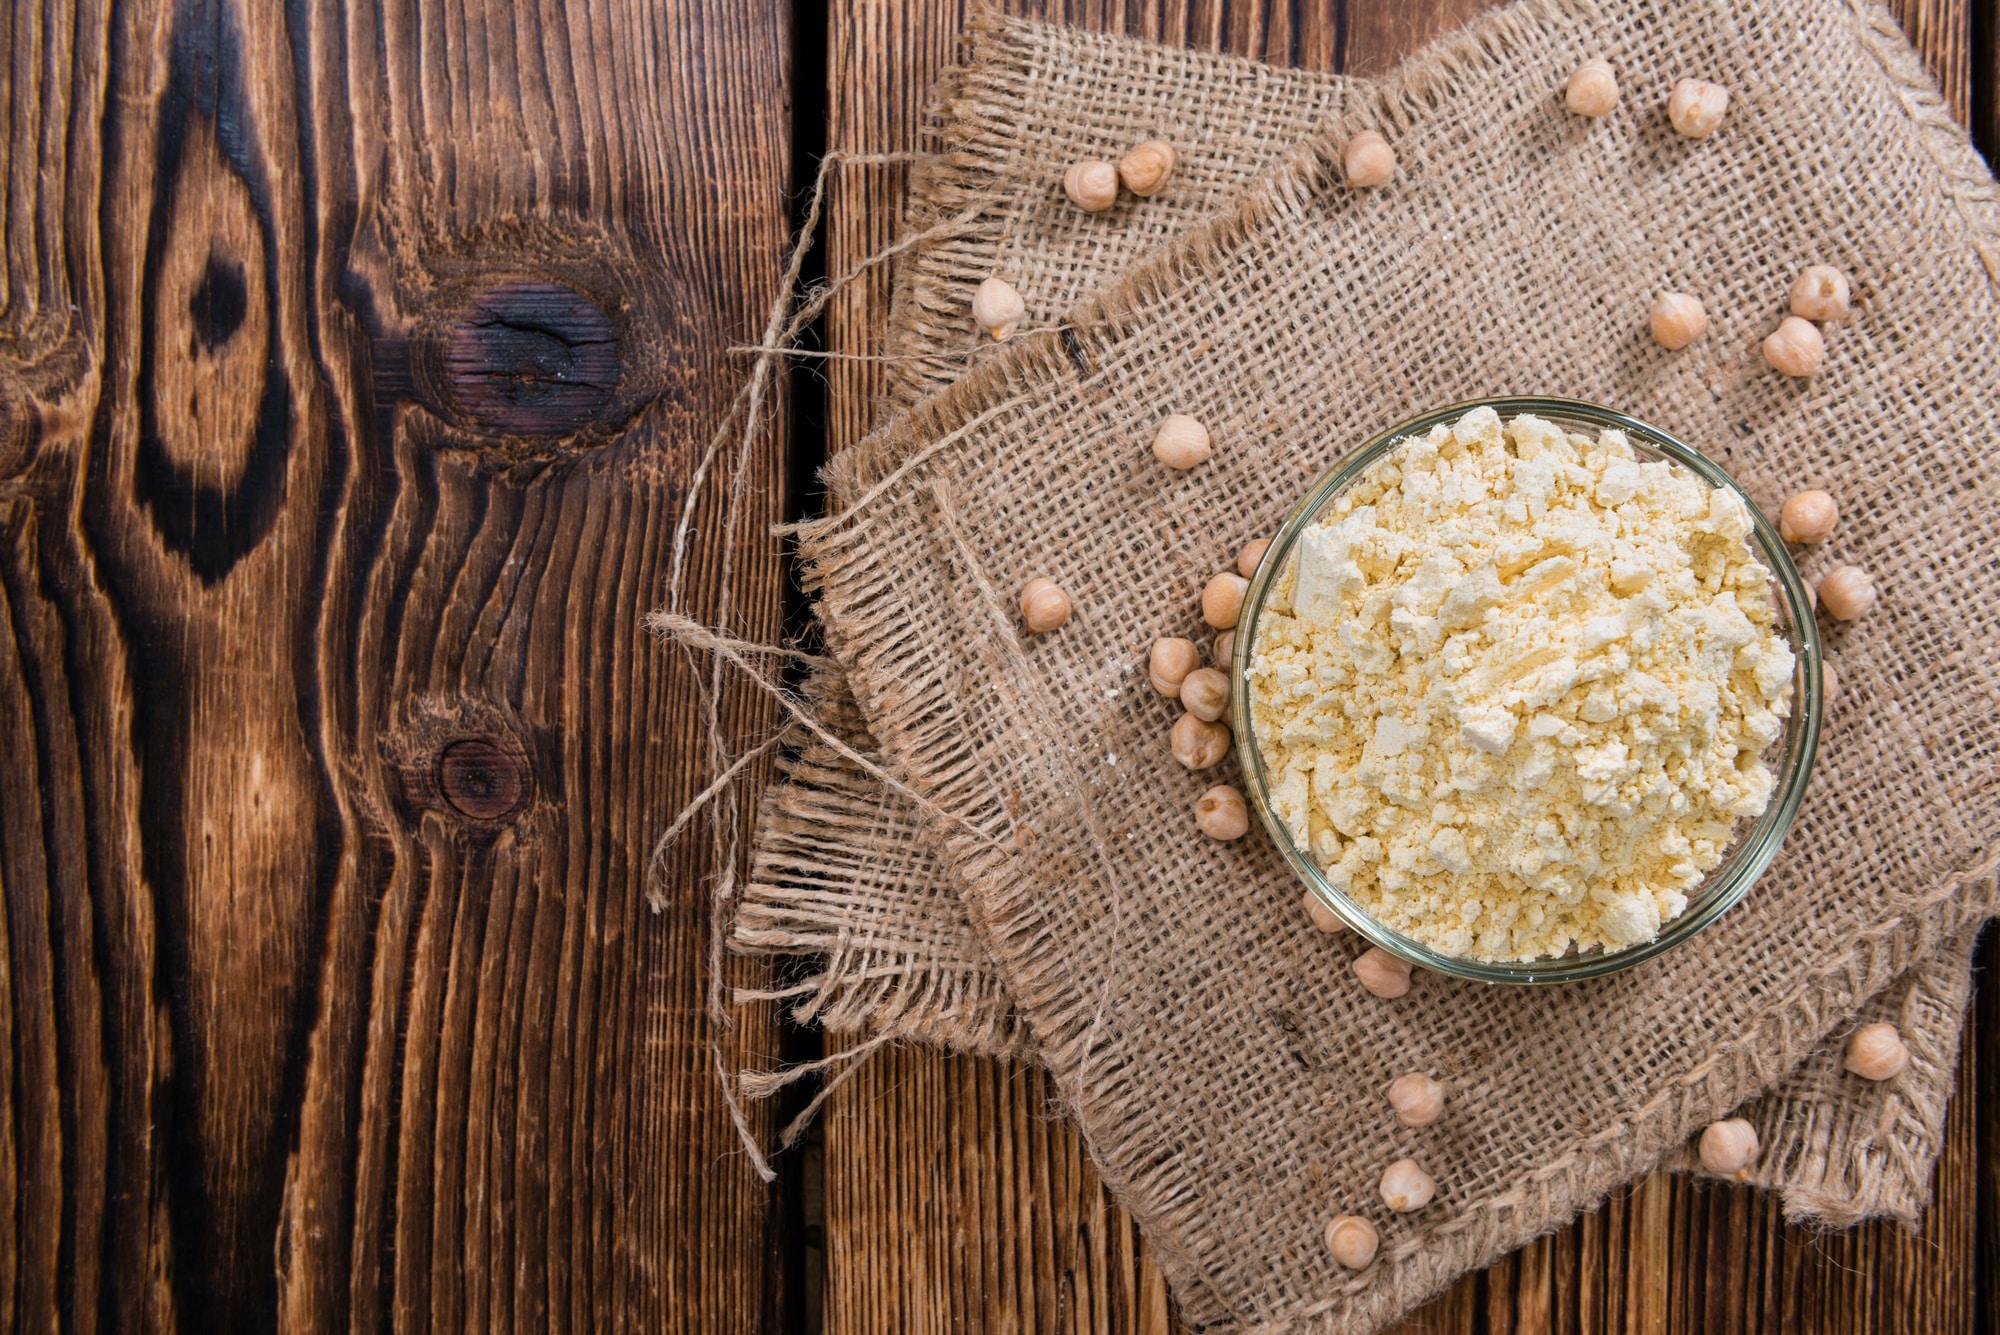 Chickpea Flour vs. White Flour